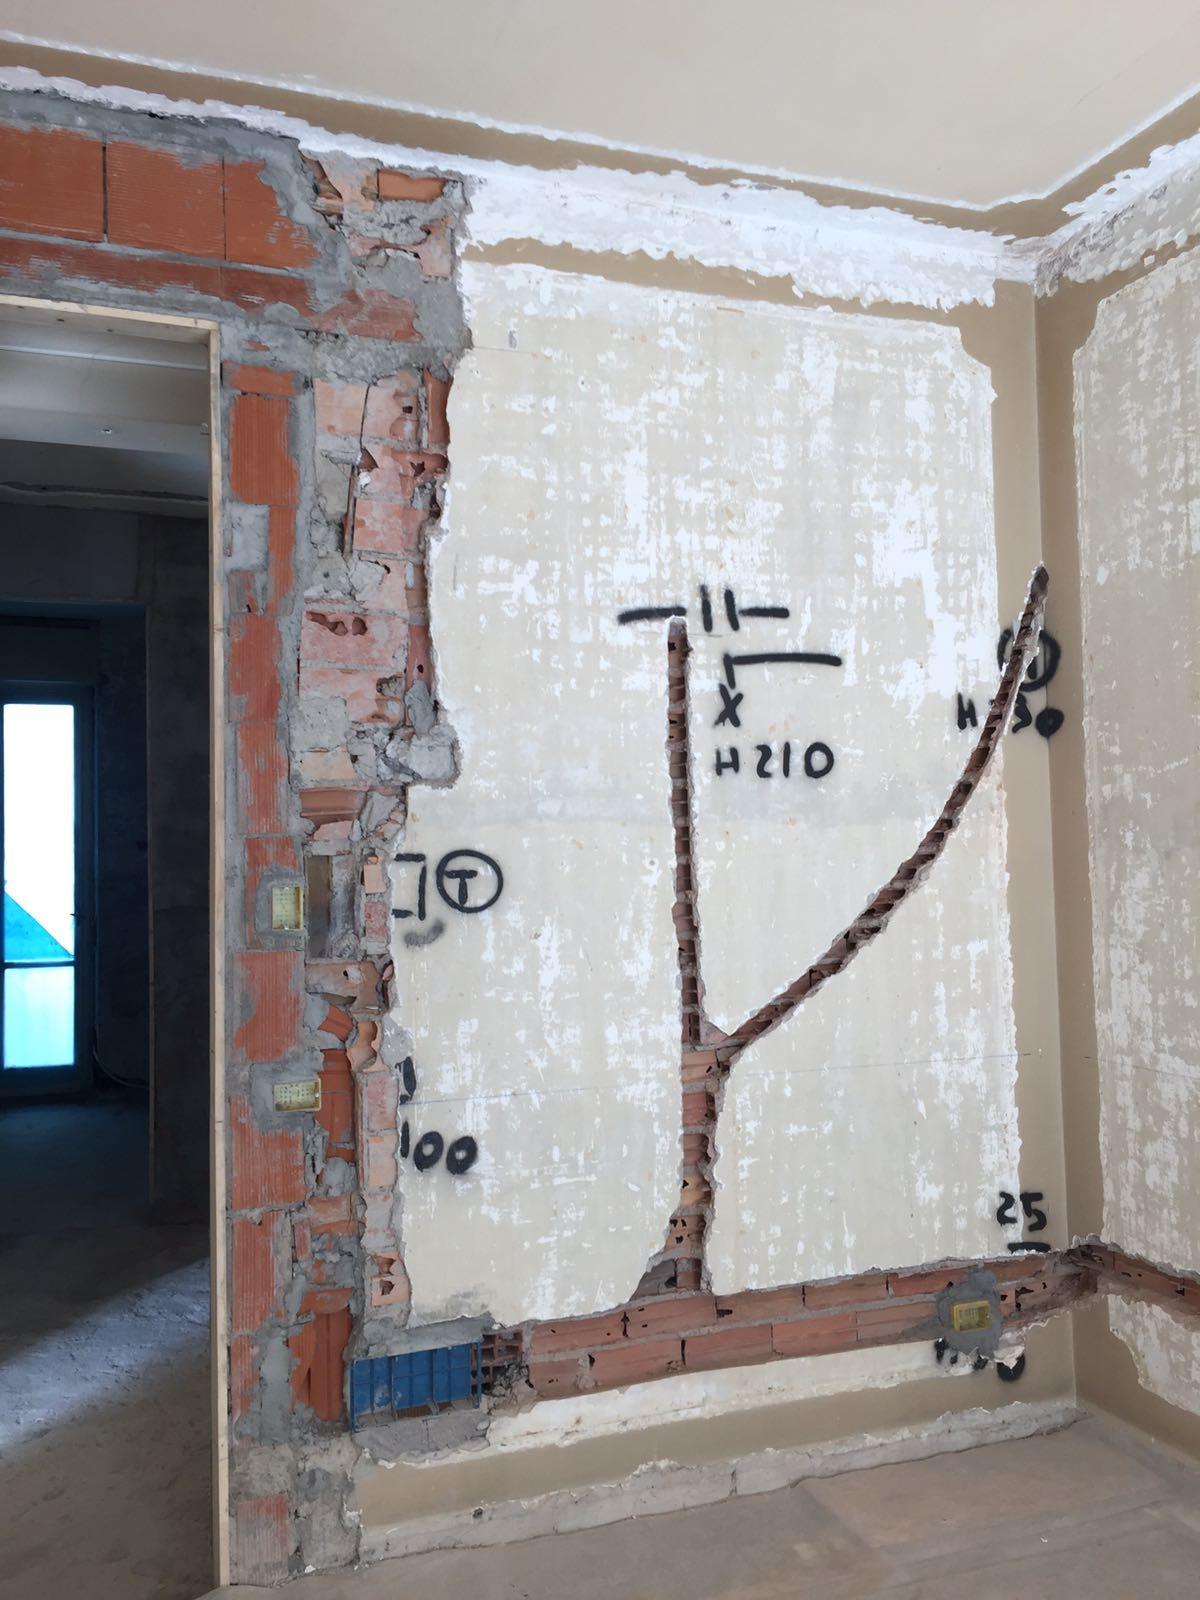 8. Tracciamento impianto elettrico a parete: lavori in corso.